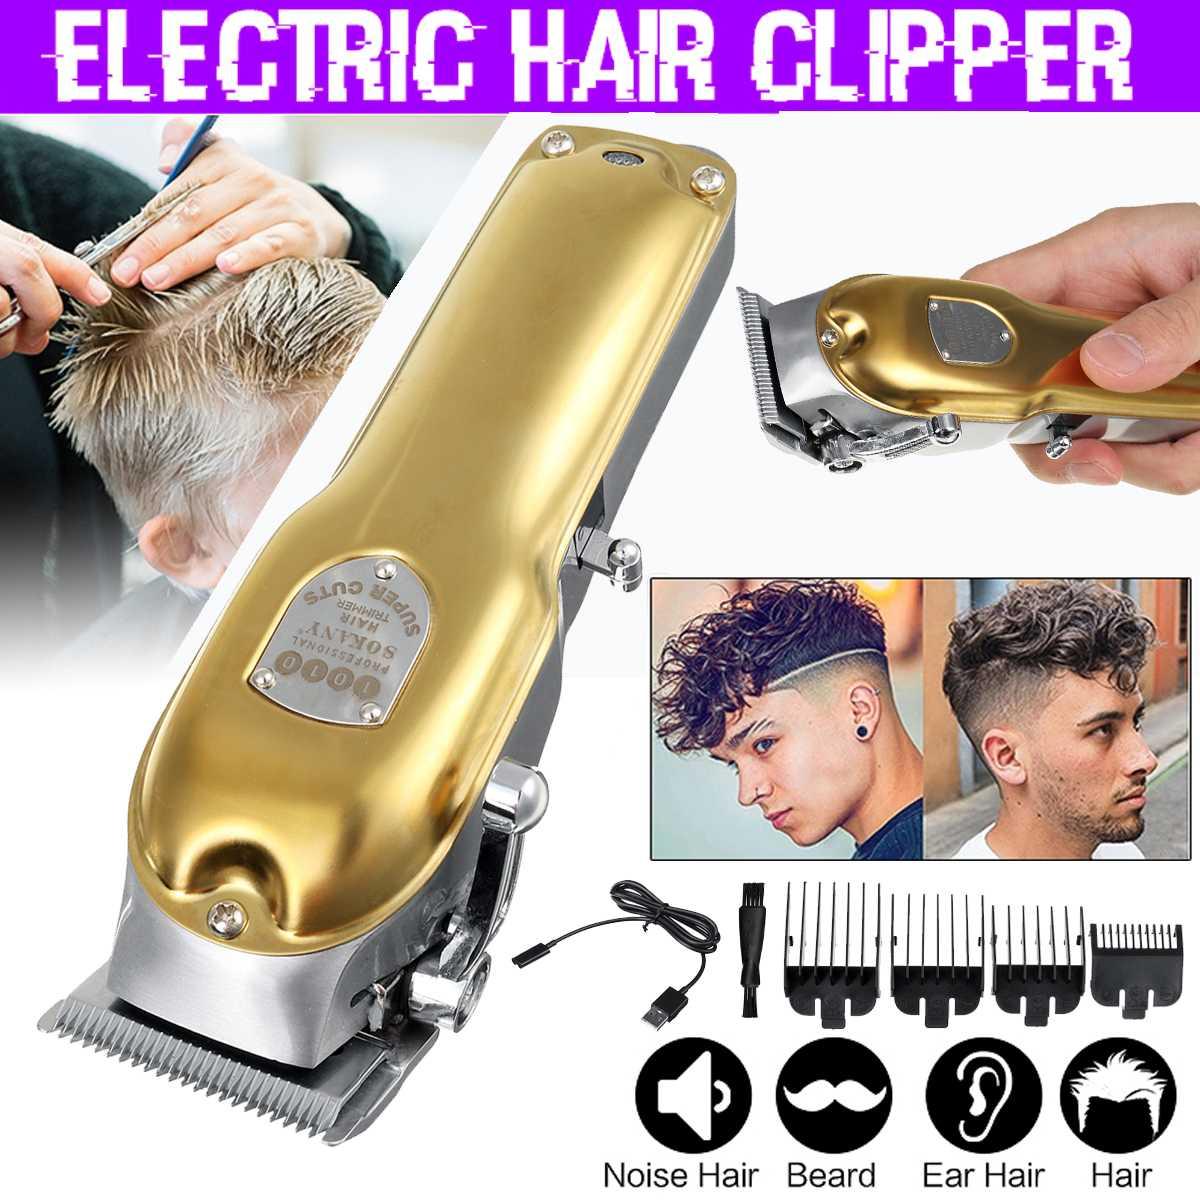 Профессиональный триммер для волос, перезаряжаемая электрическая машинка для стрижки волос, Мужская Беспроводная стрижка, регулируемое ке...